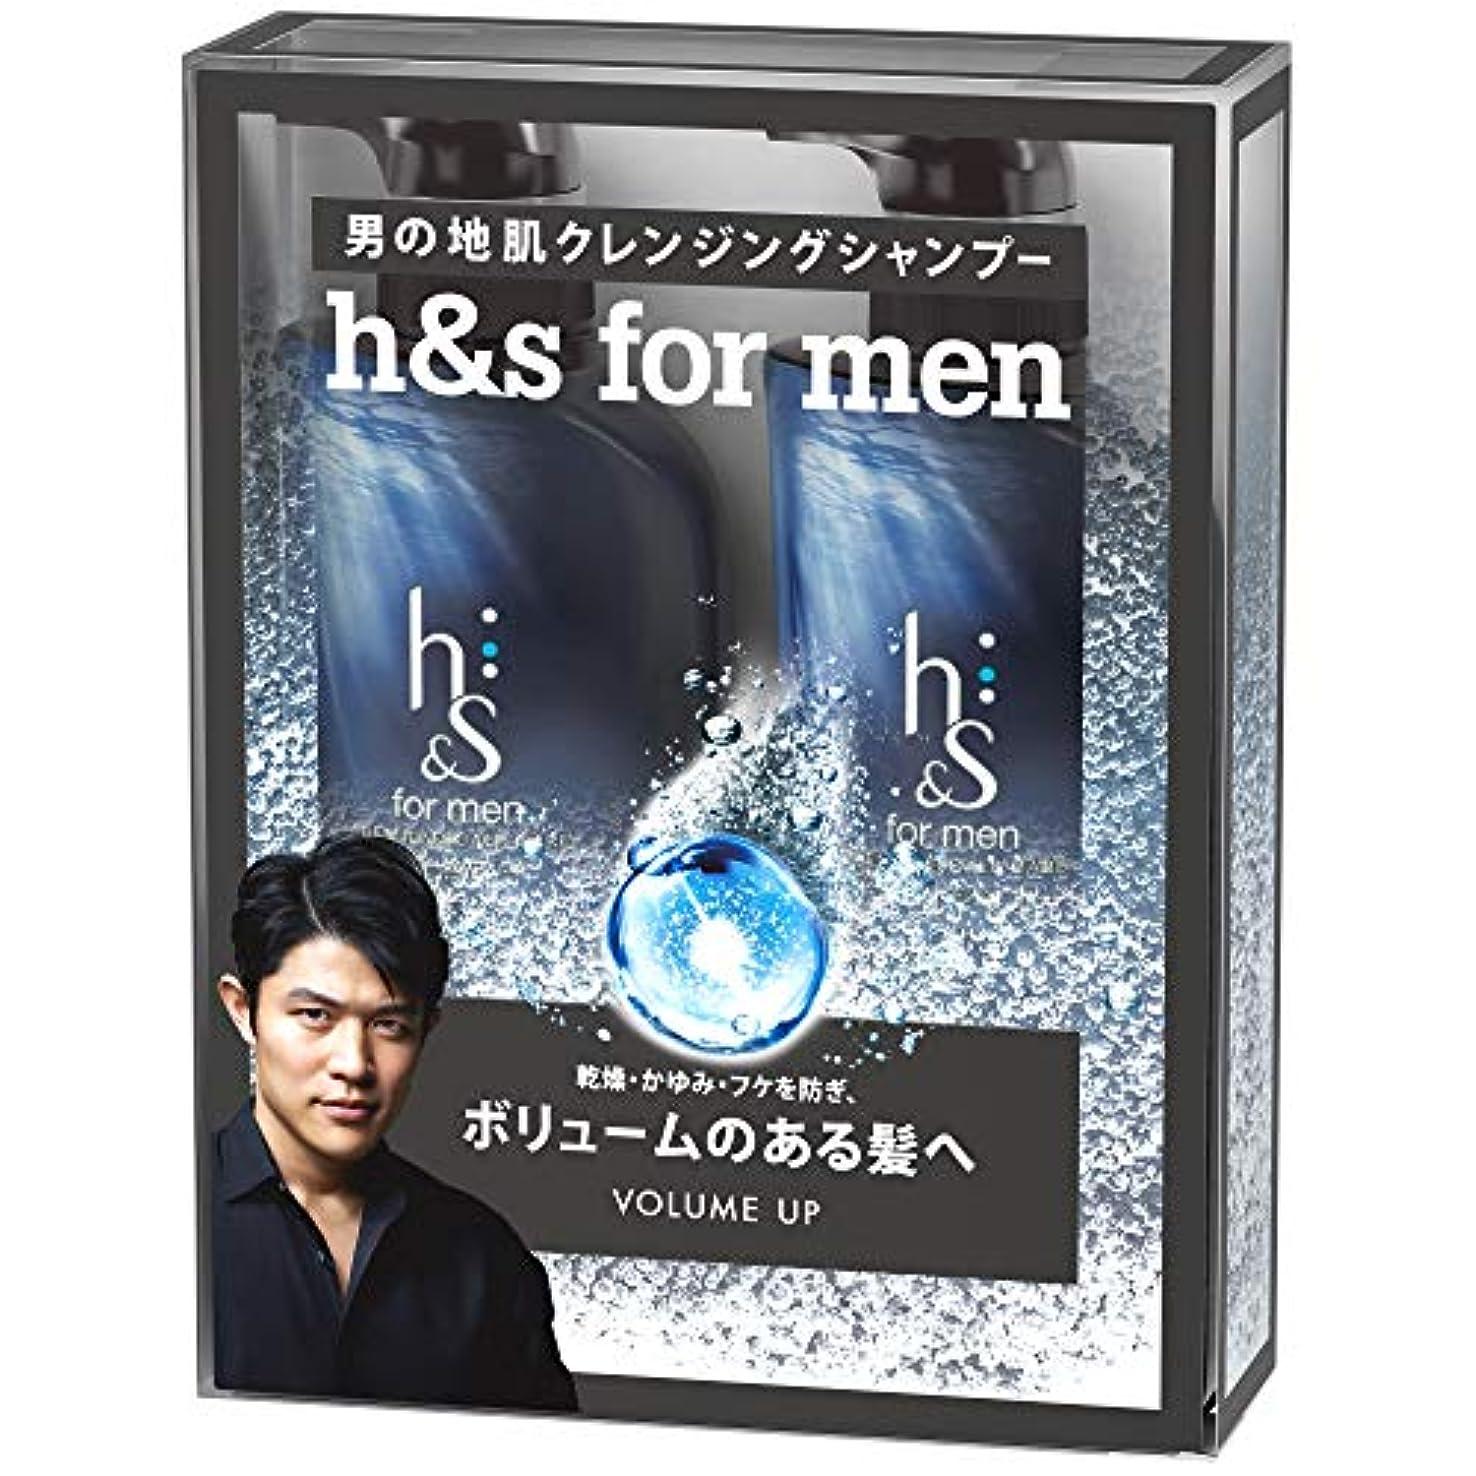 なす矢印書道h&s for men (エイチアンドエスフォーメン) ボリュームアップ ポンプ シャンプー 370mL コンディショナー 370g +370g